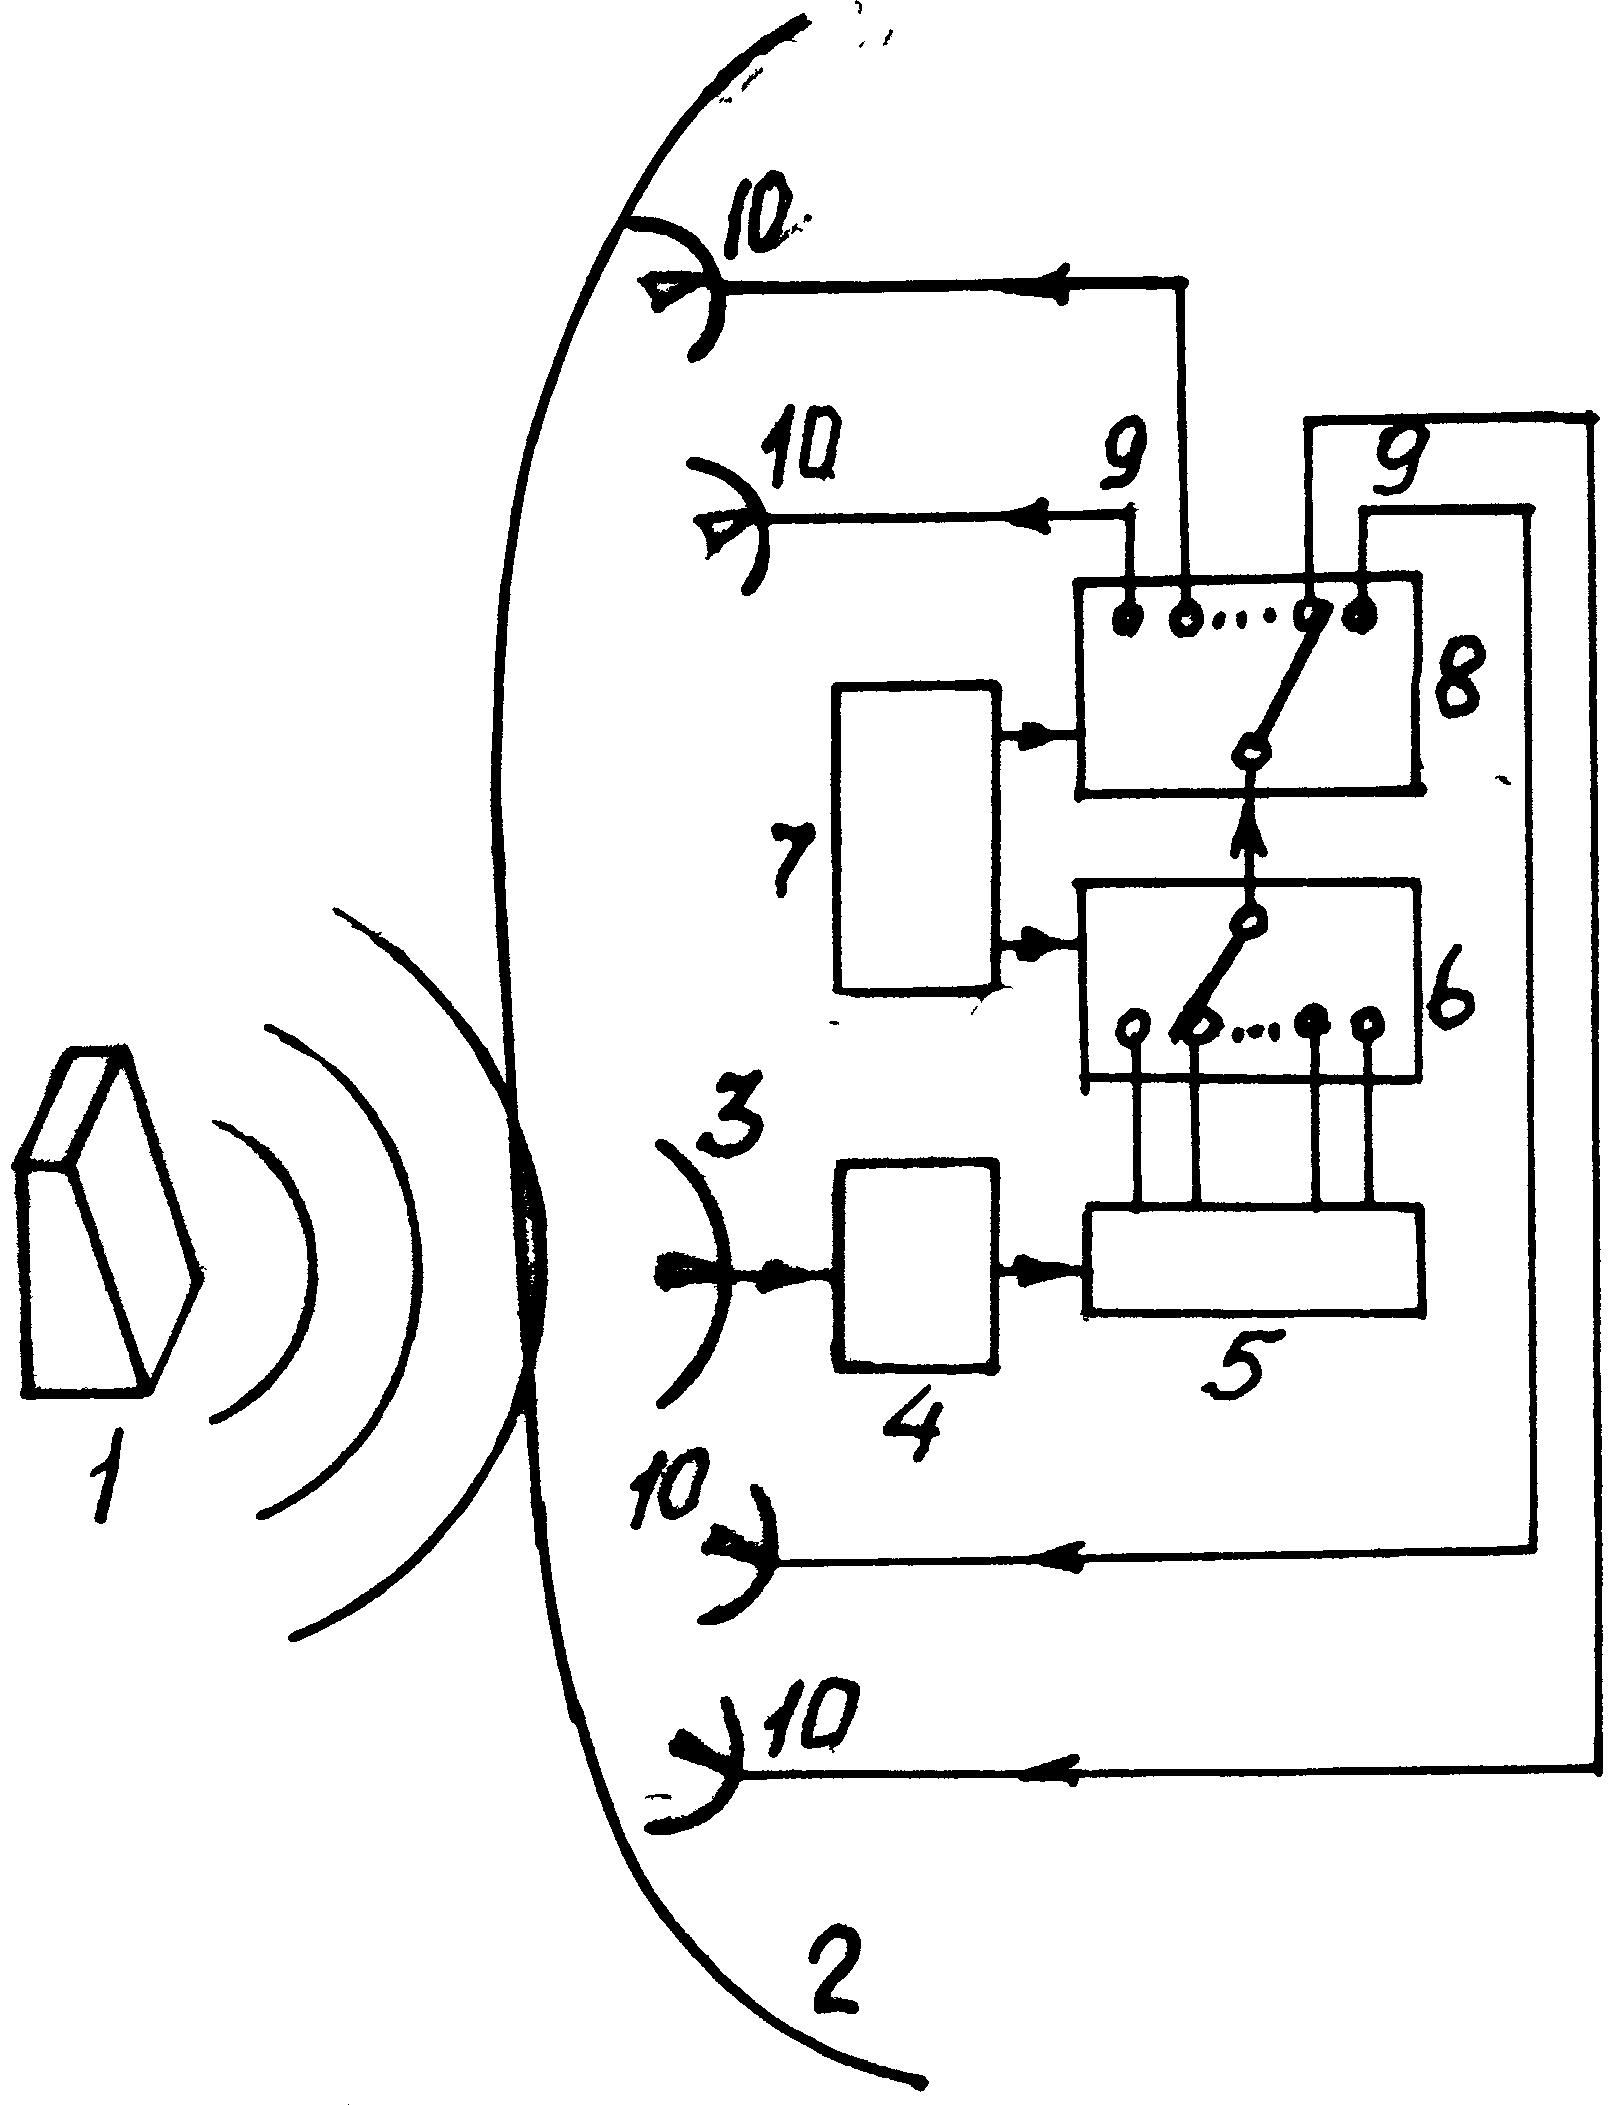 Система противодействия радиолокационной станции противника